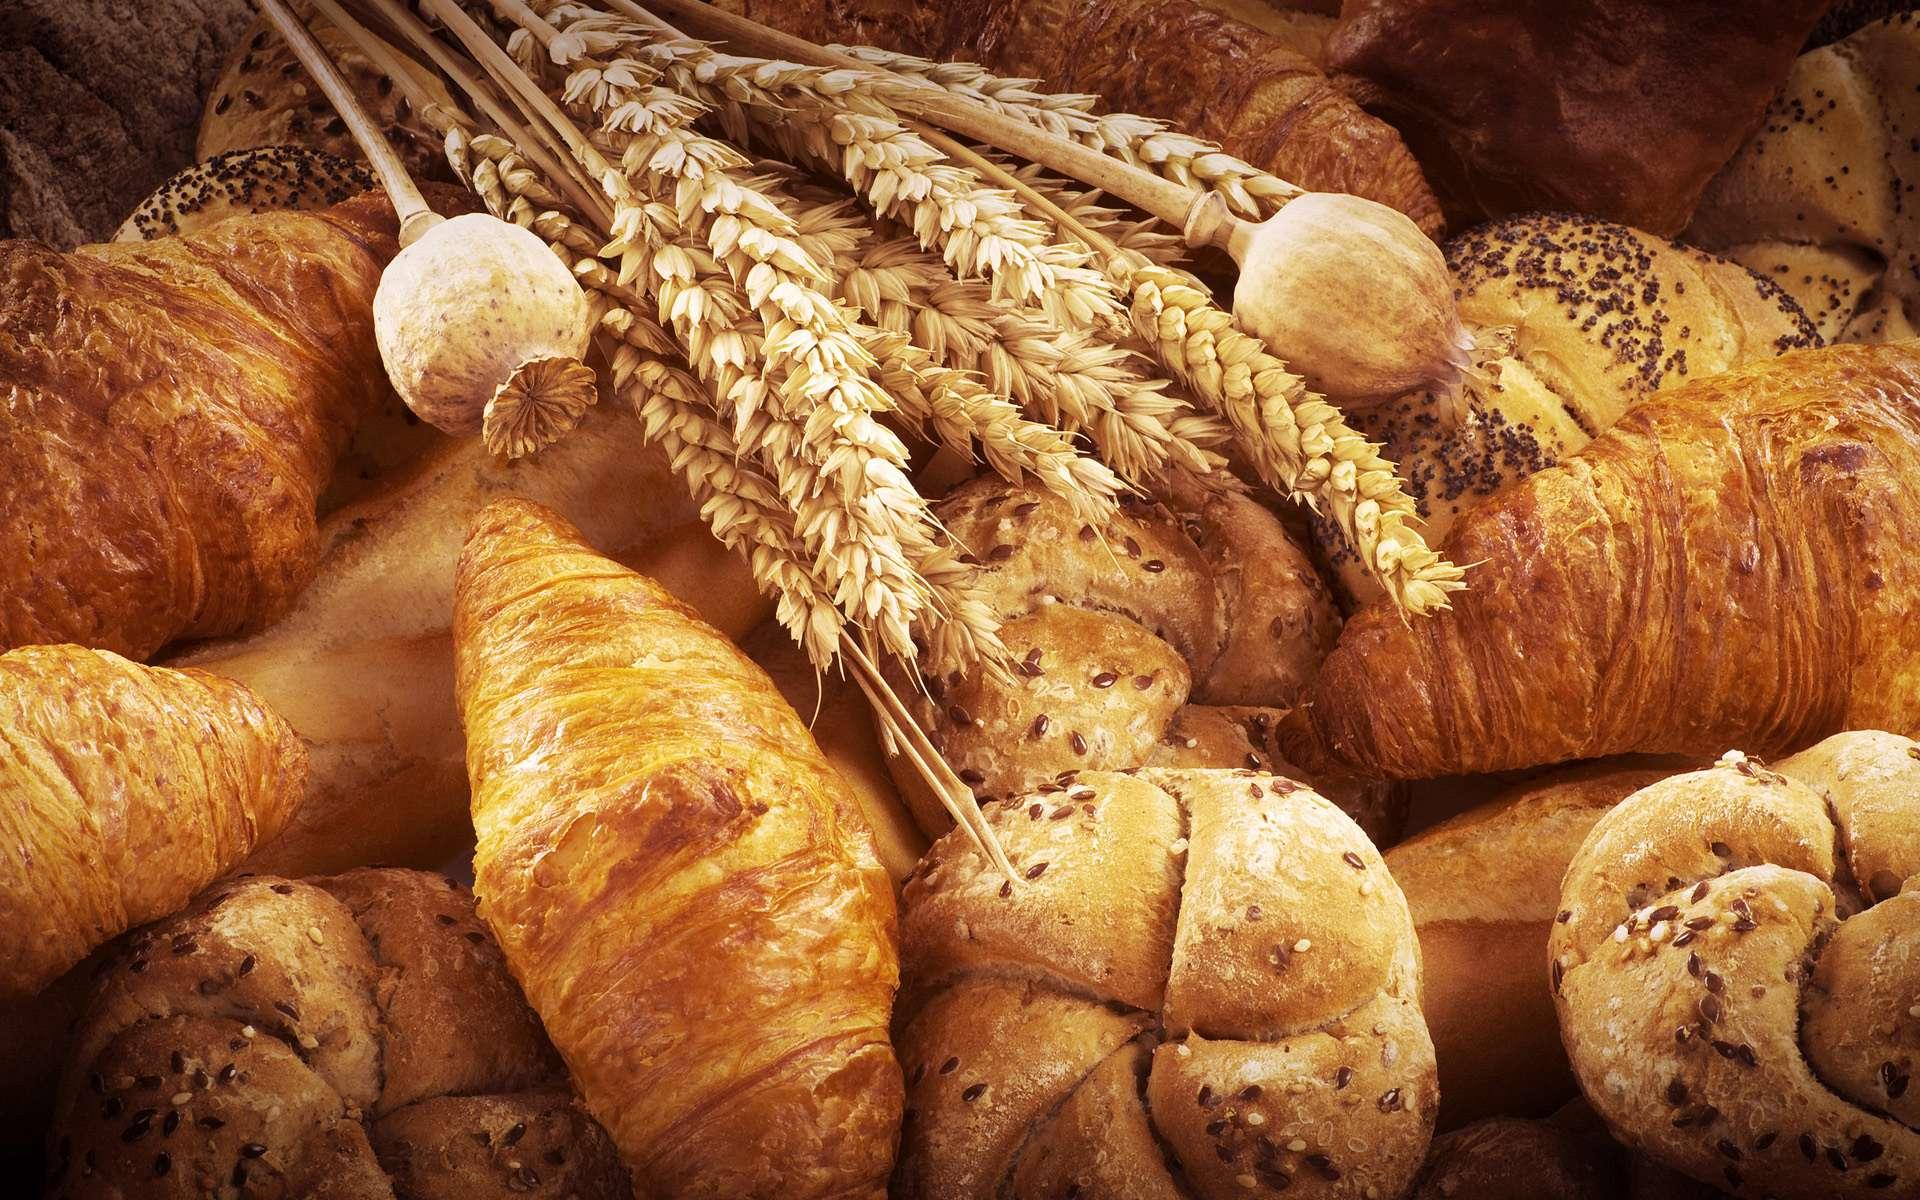 Технология производства хлеба